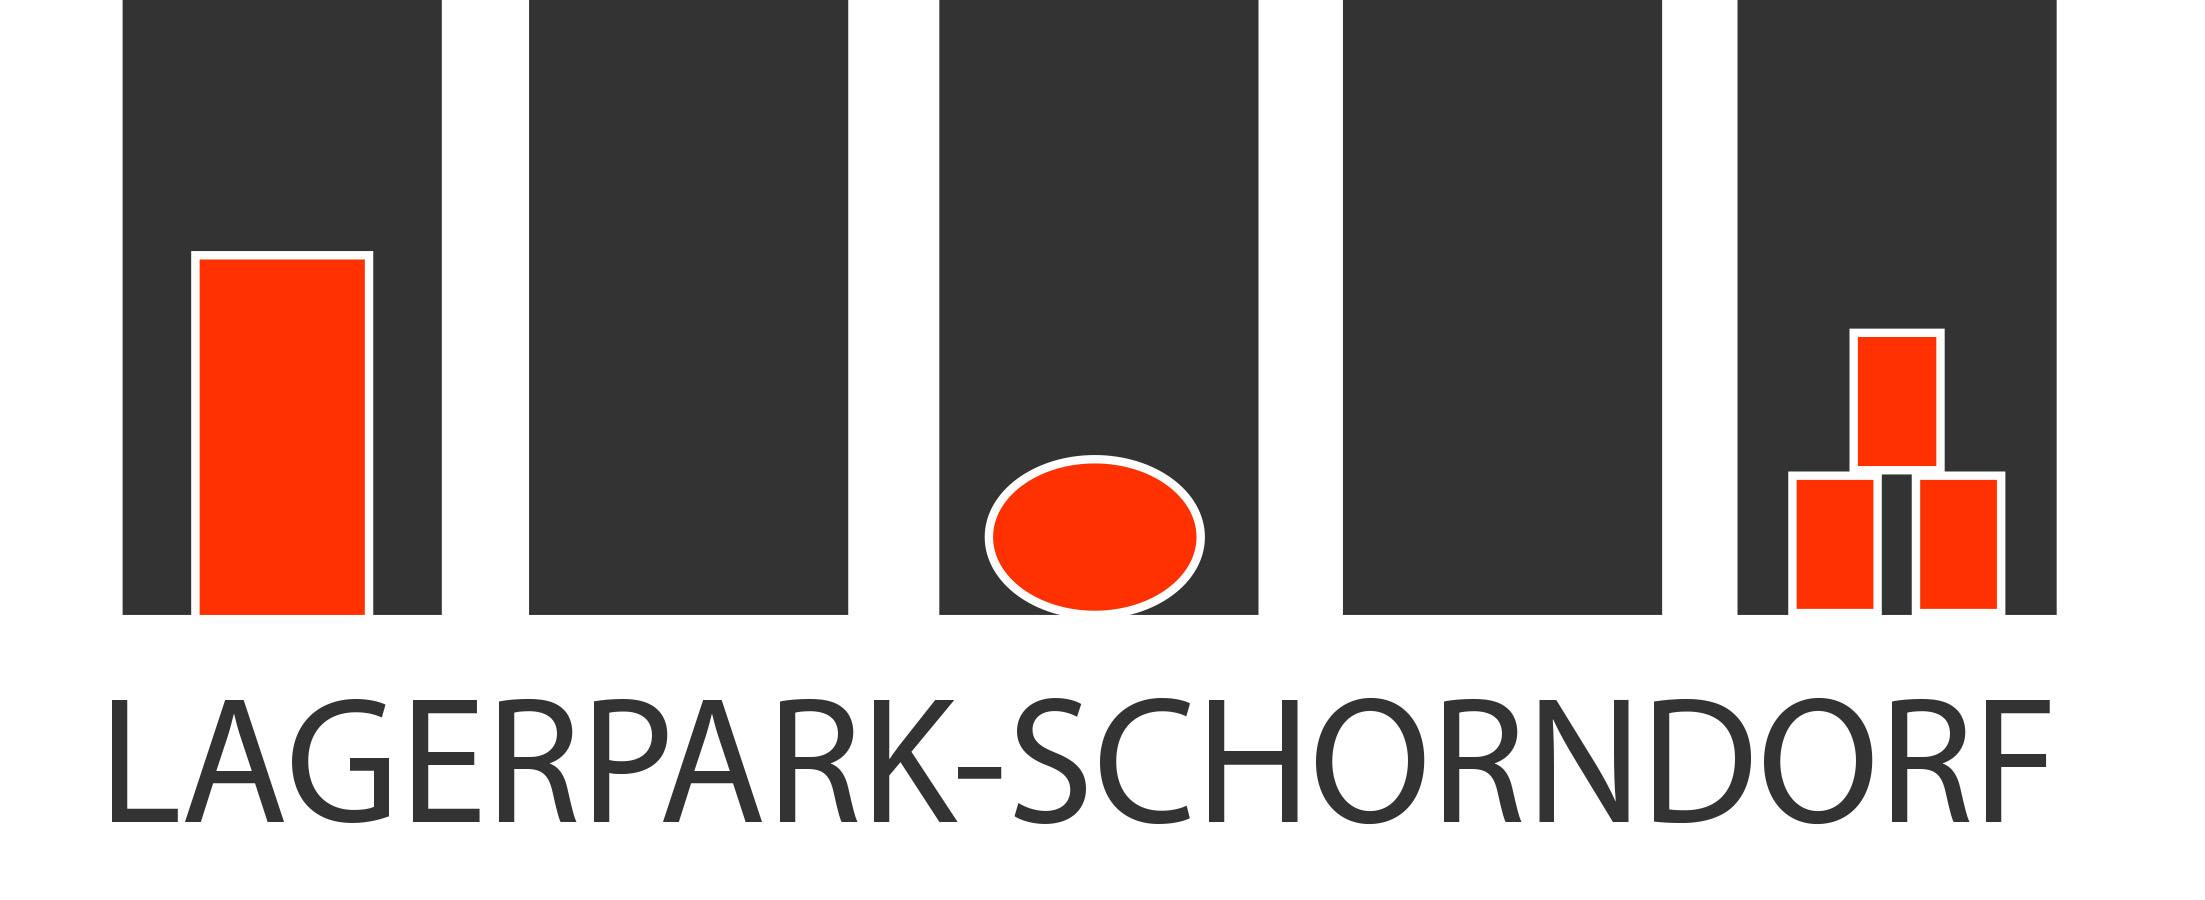 Lagerpark Schorndorf